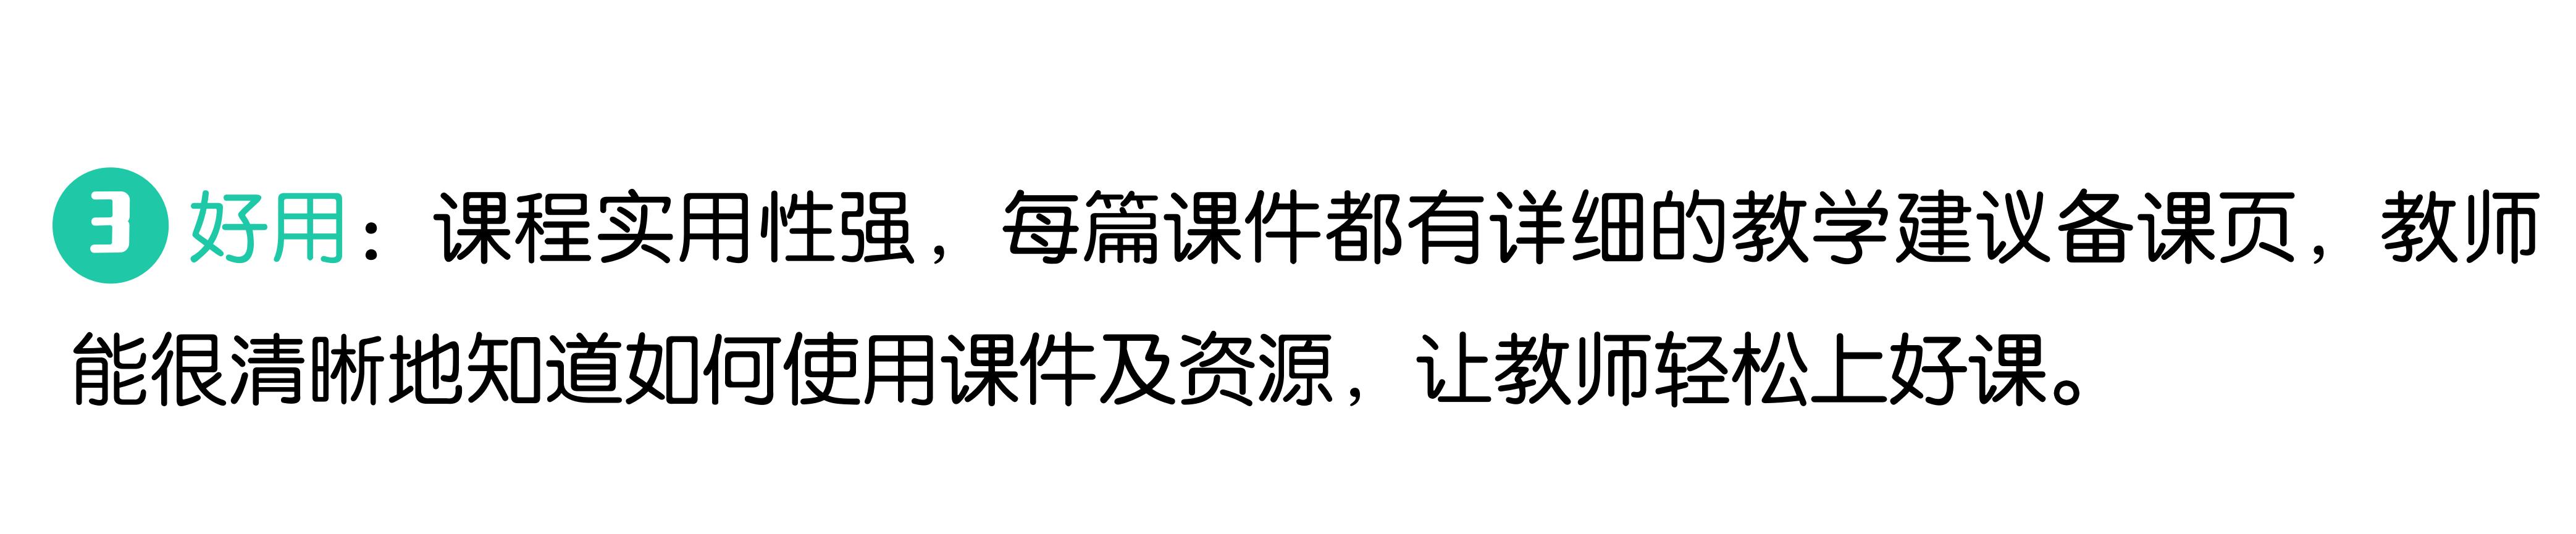 演示文稿1_04.png